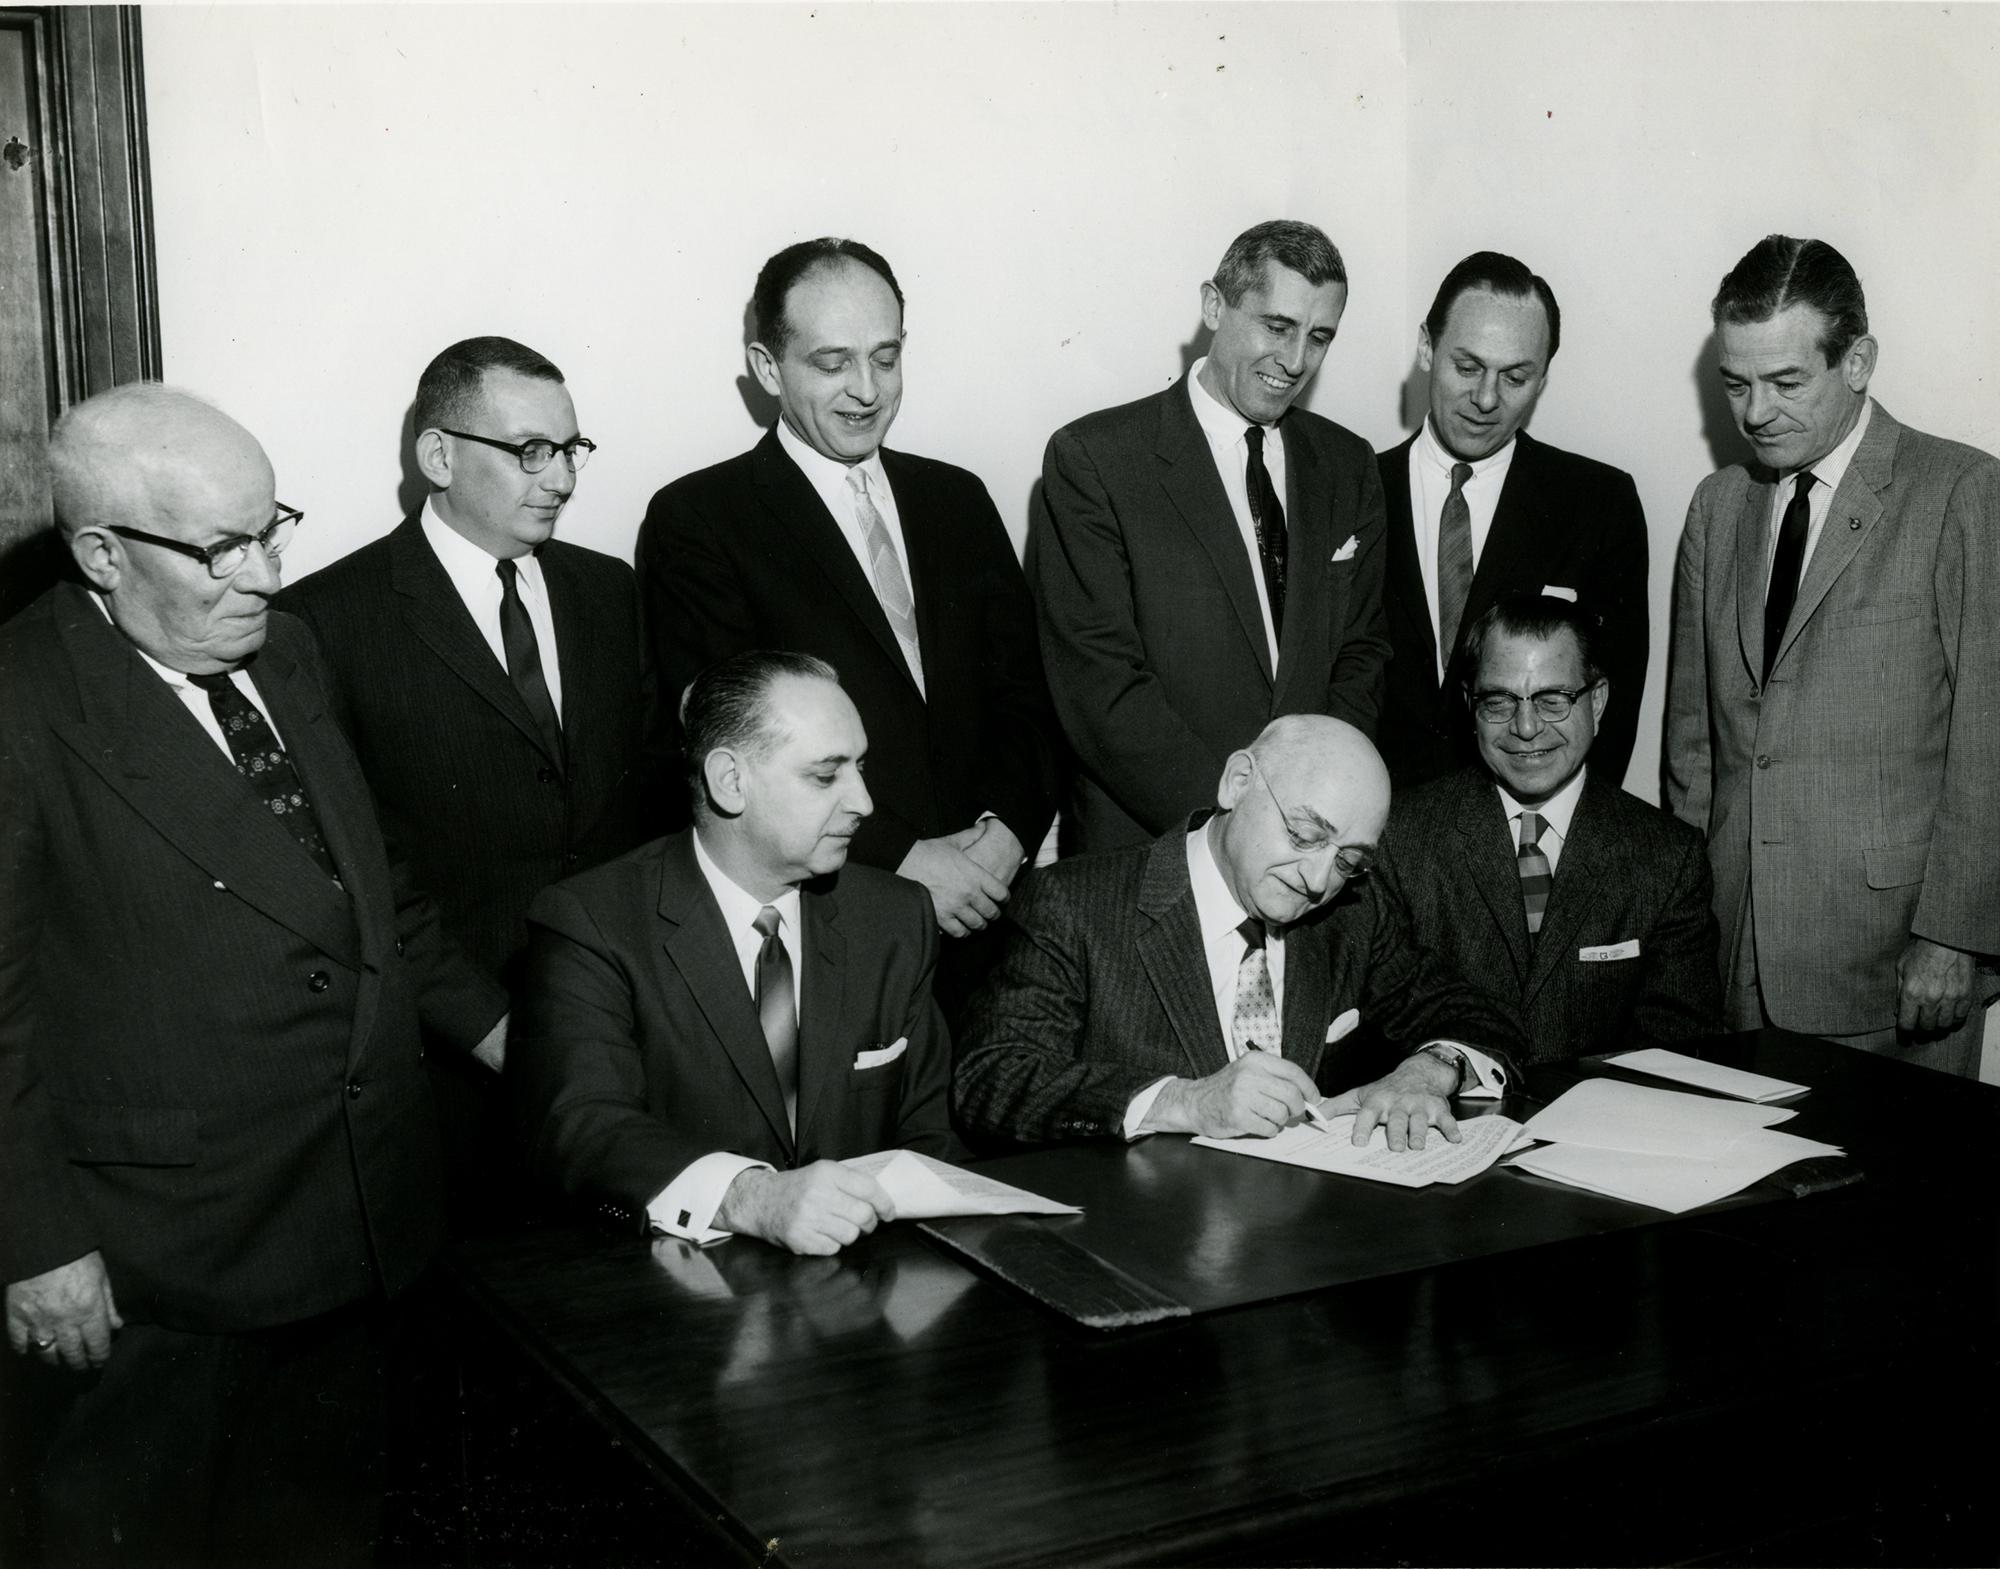 1959 image